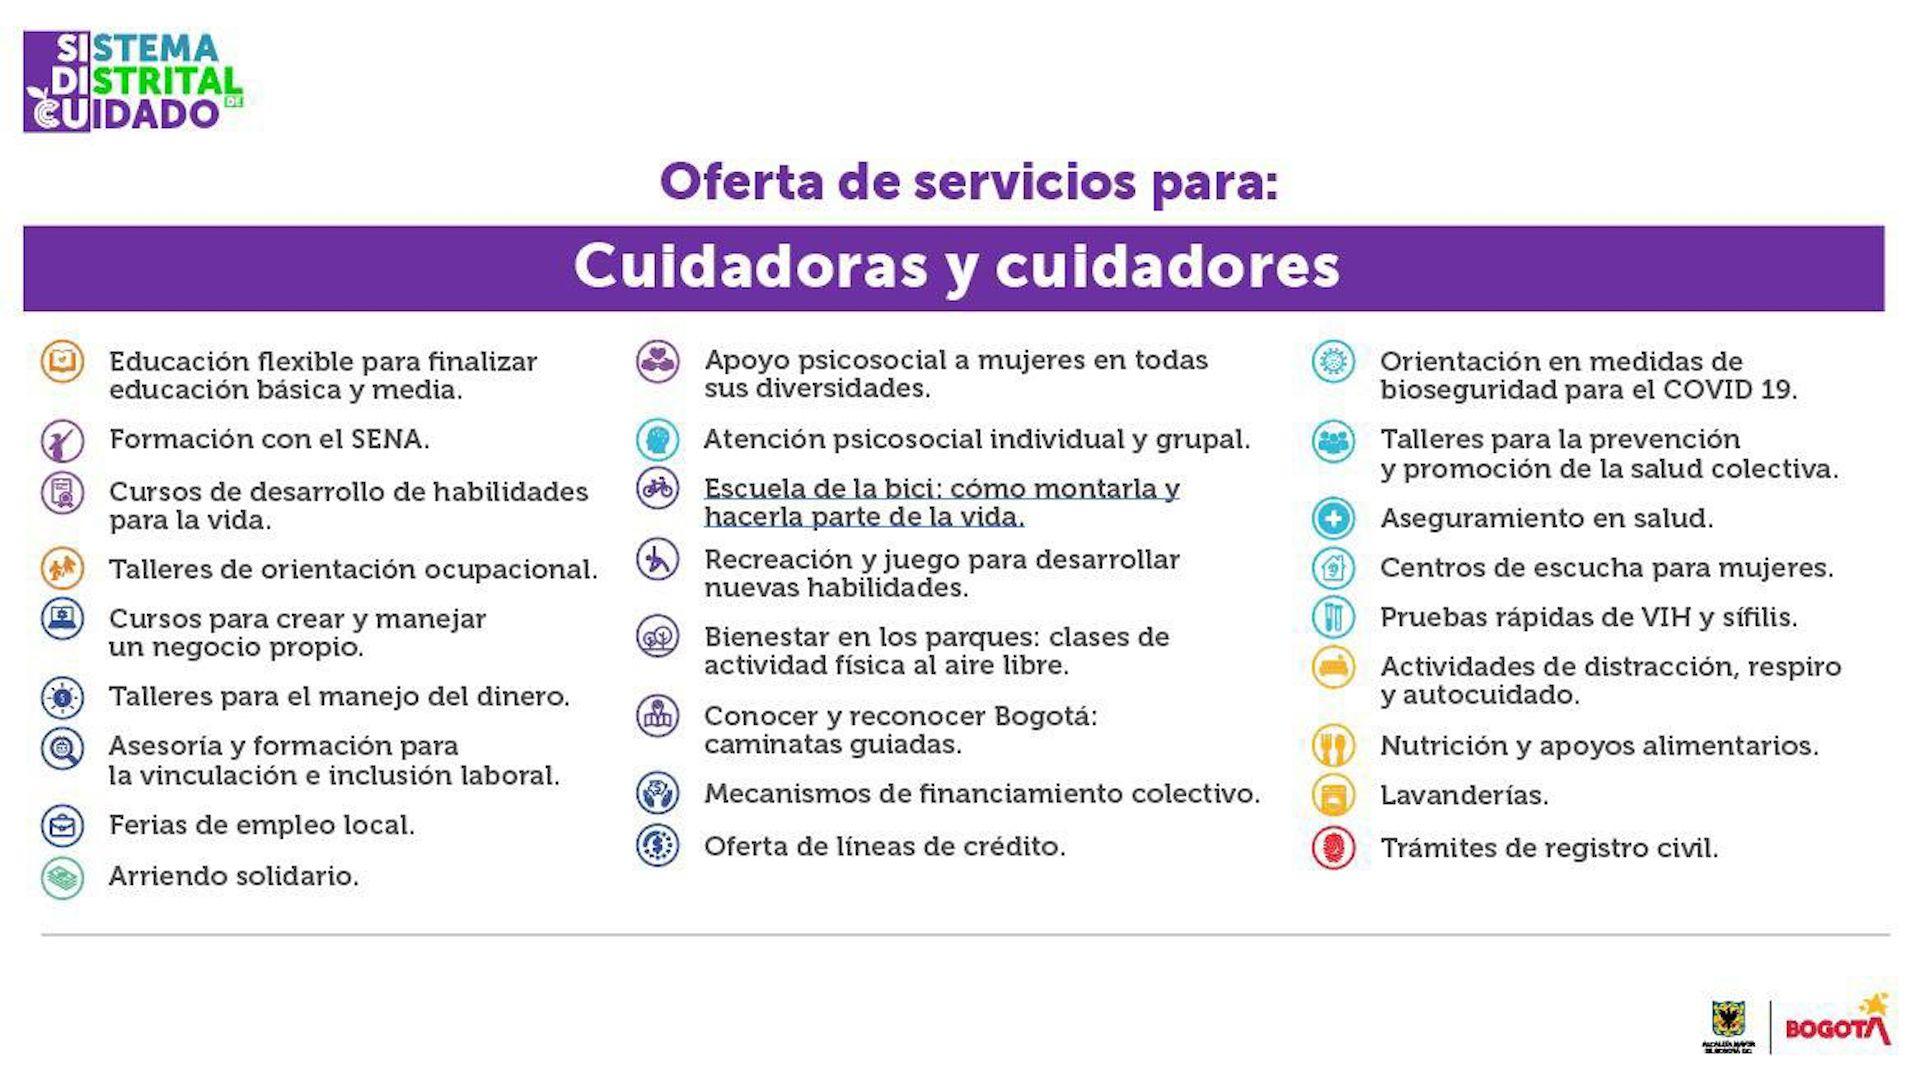 Oferta de servicios para cuidadoras y cuidadores en Ciudad Bolívar / (Twitter: @ClaudiaLopez).